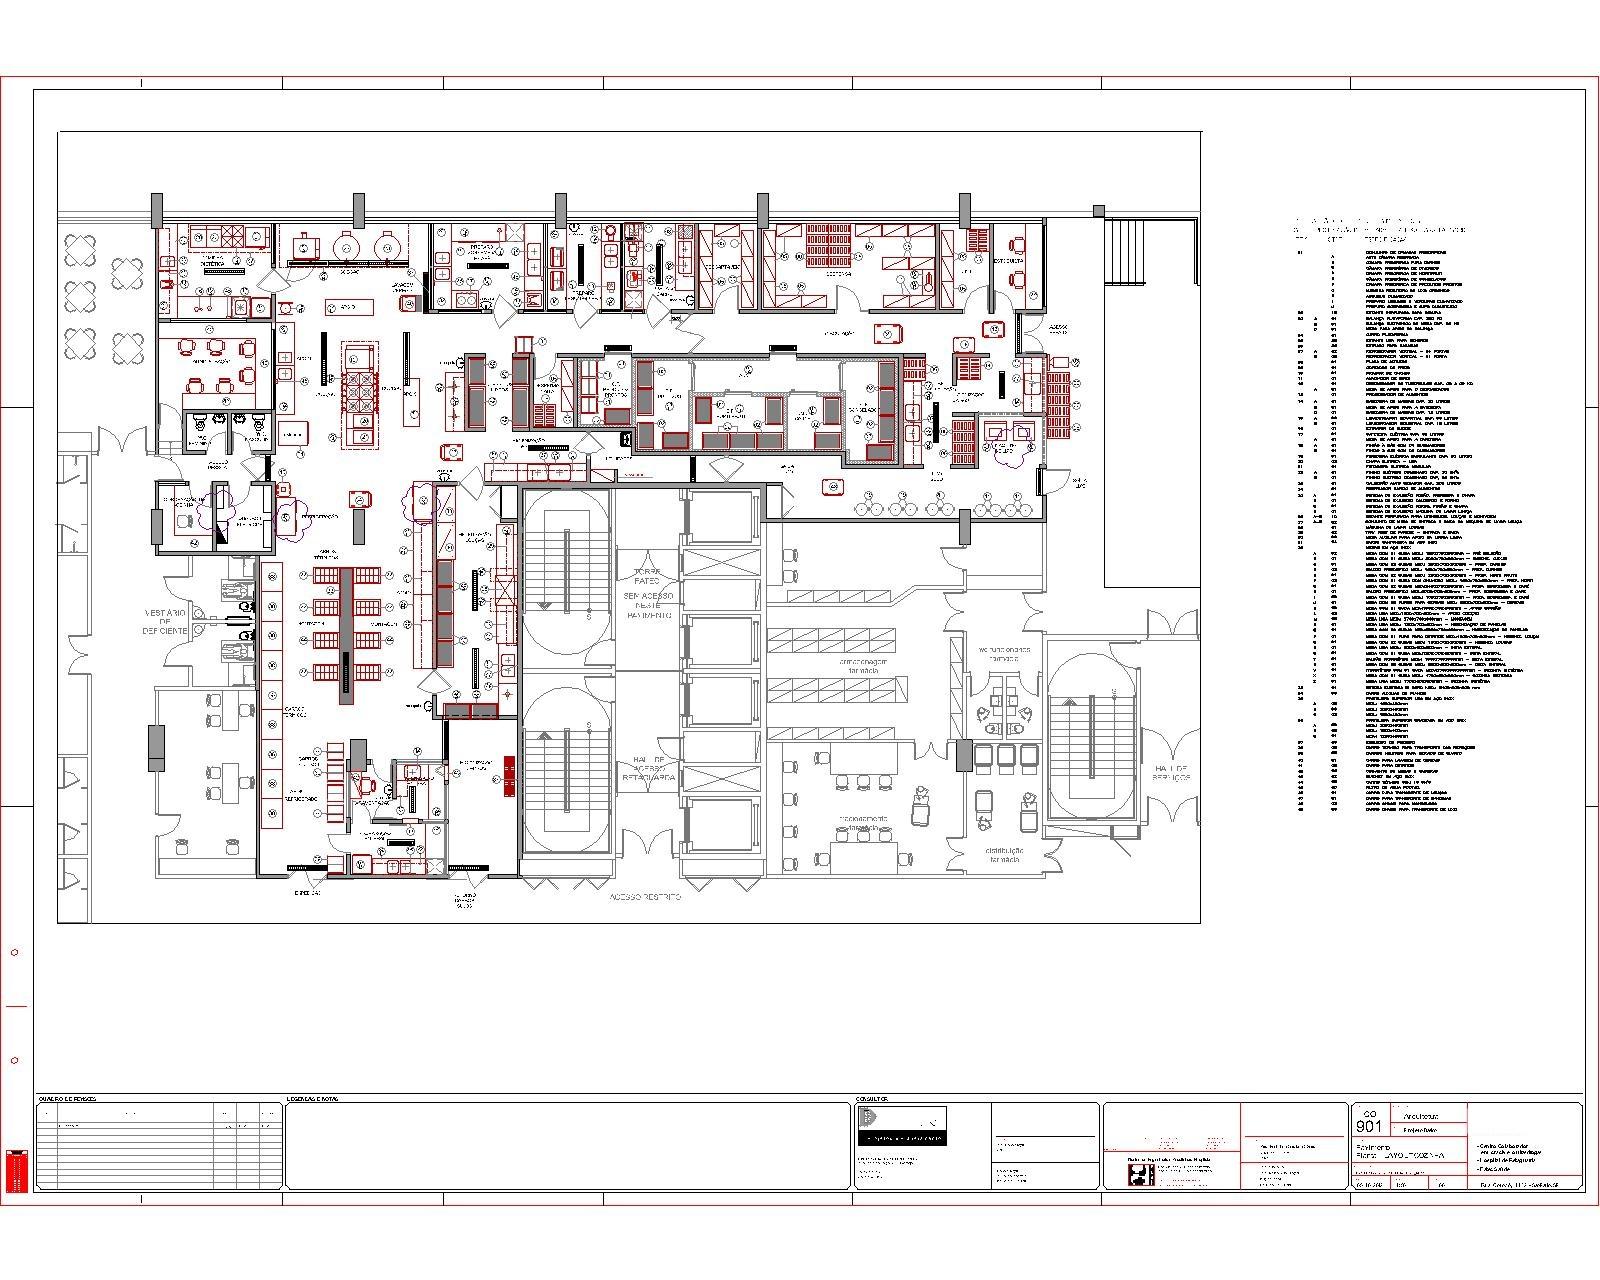 #BB1010 Ante projeto Hospitalar Dimensão 1600x1280 px Projeto De Cozinha Industrial Hotel_4665 Imagens